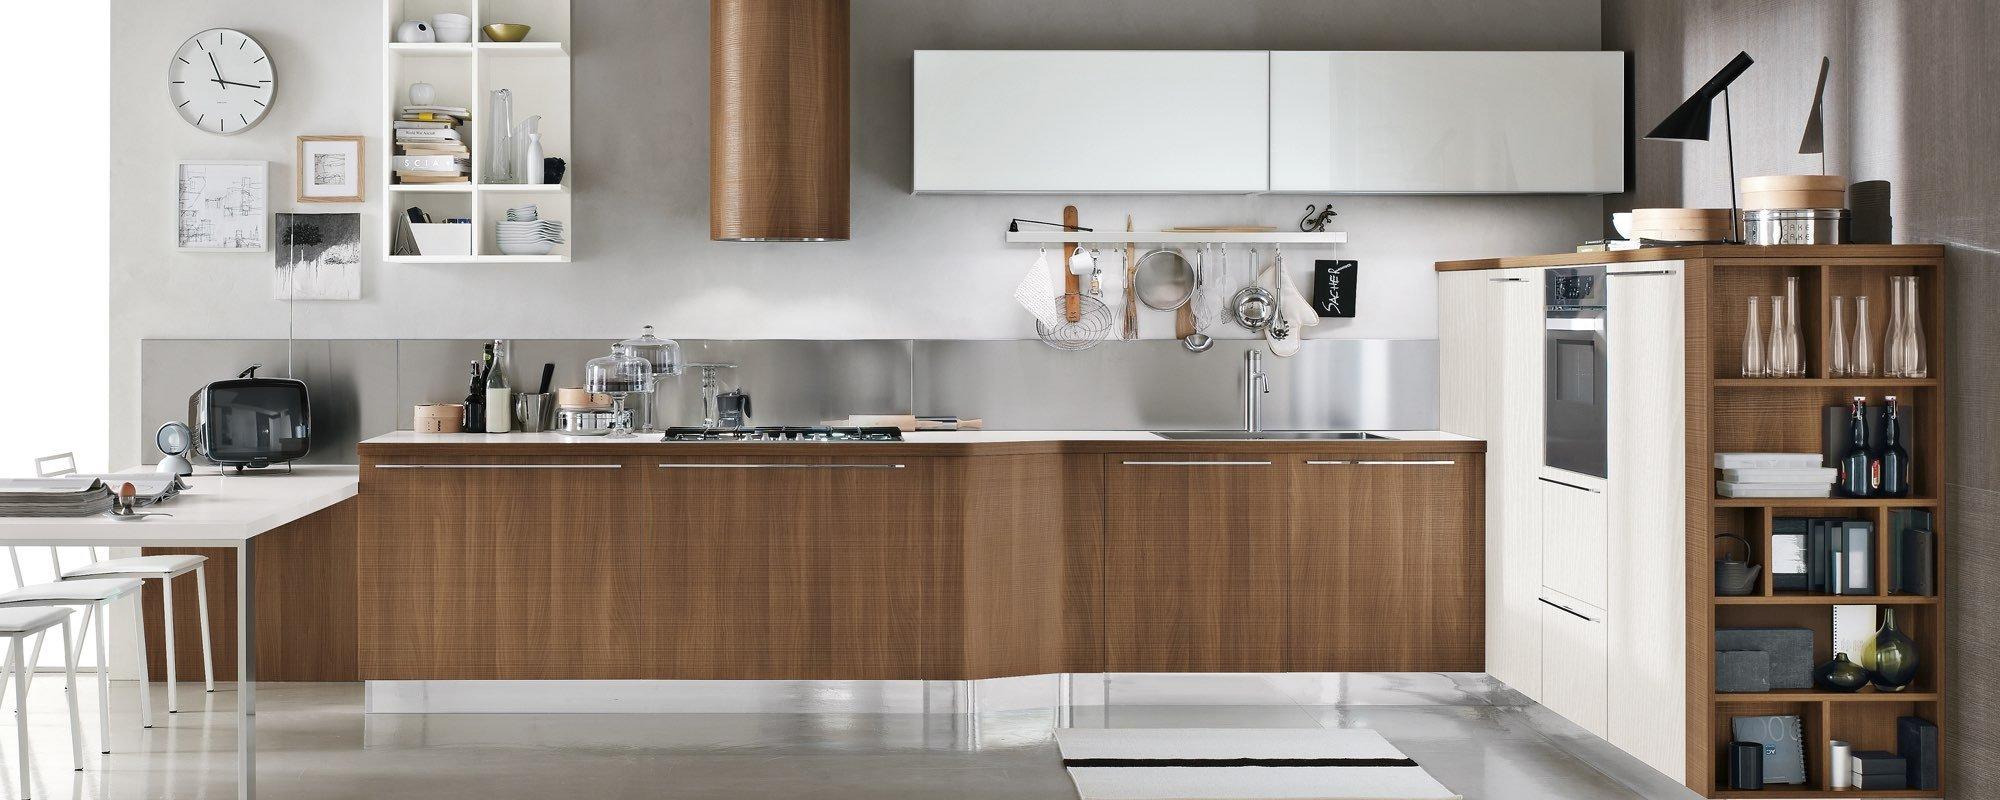 dettaglio cucina stosa moderna in legno con isola laccata -MILLY